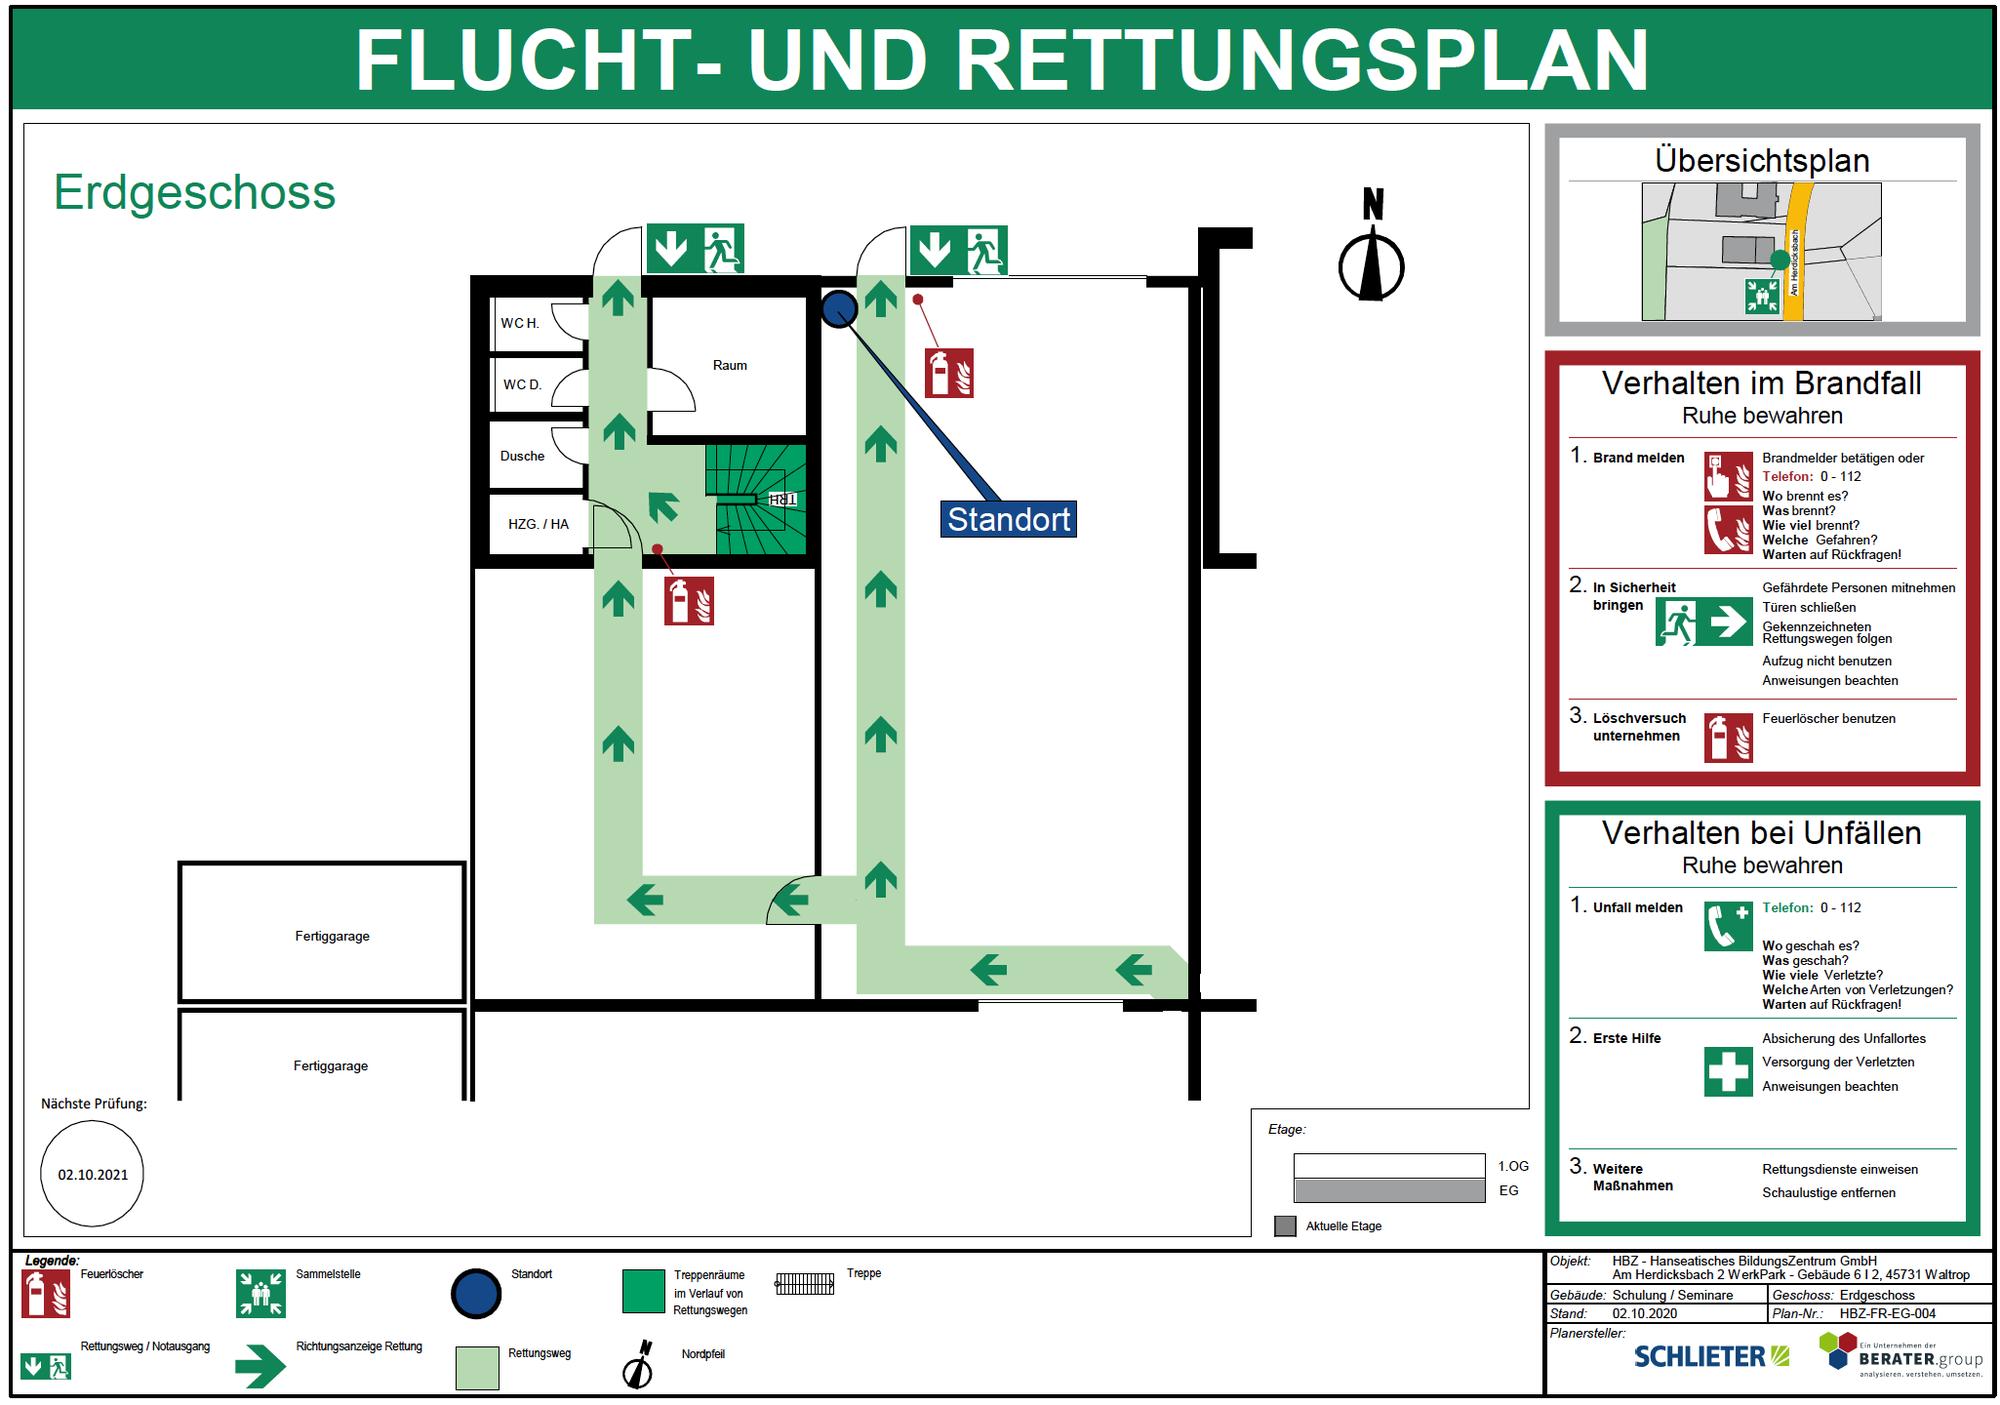 AKTION !!!  Flucht- und Rettungspläne nach DIN ISO 23601